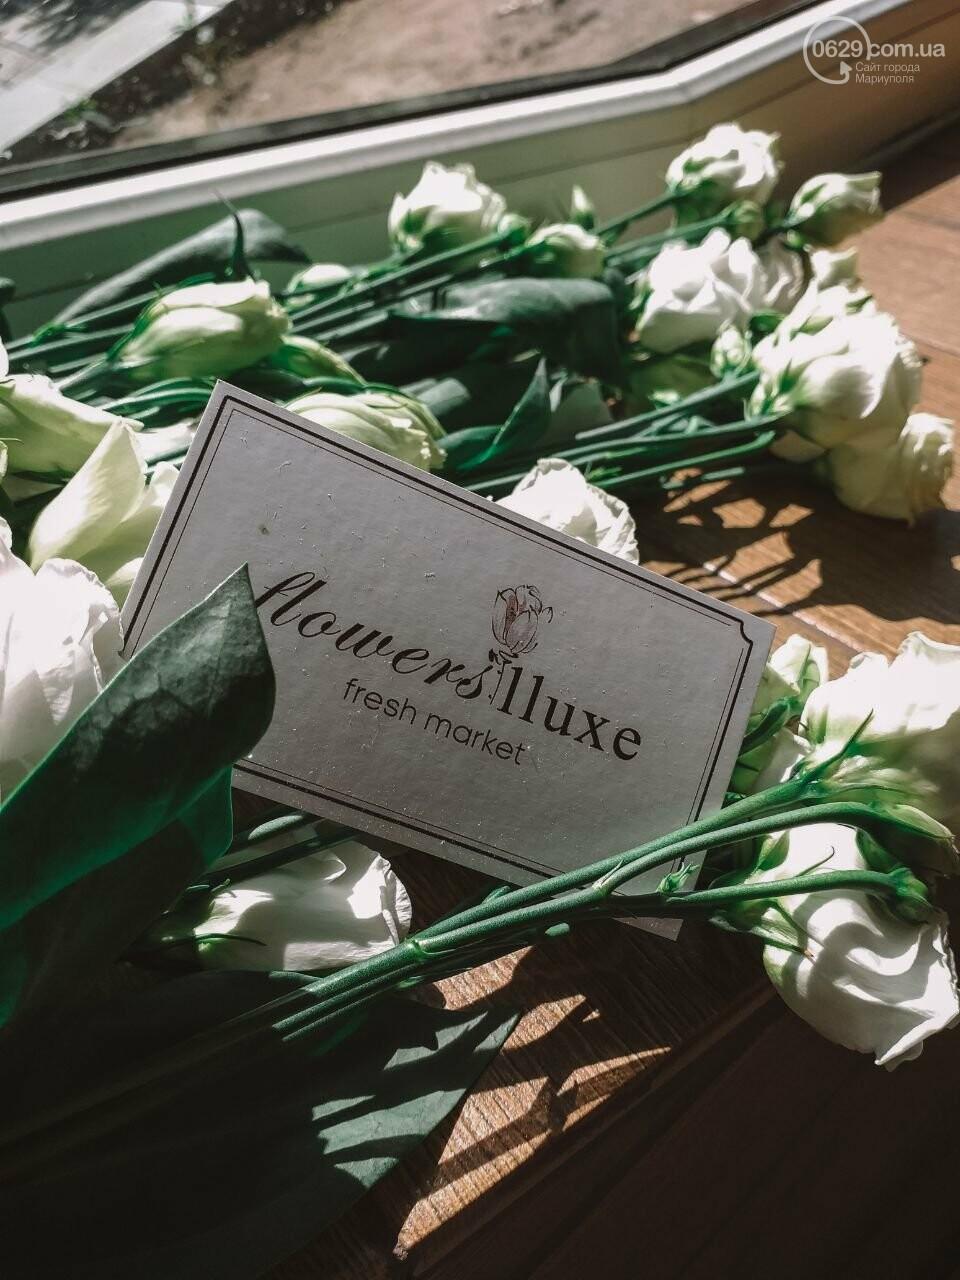 Изысканные, стильные букеты цветов с доставкой от сети салонов LUXE, фото-24